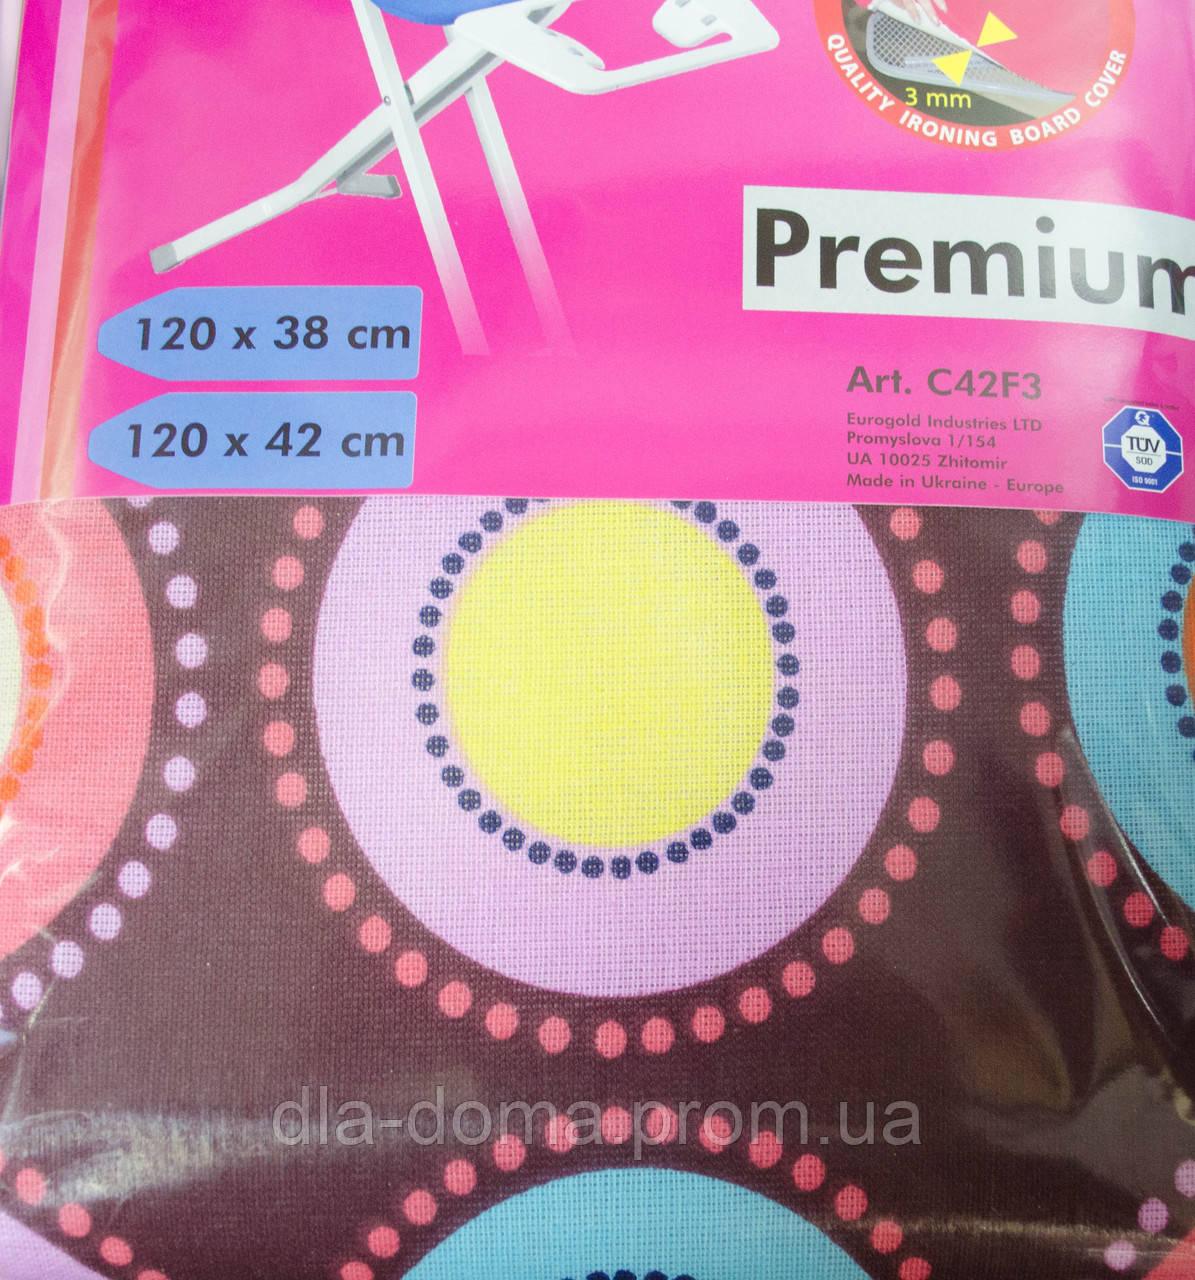 Чехол для гладильной доски : 120см Х 38 см